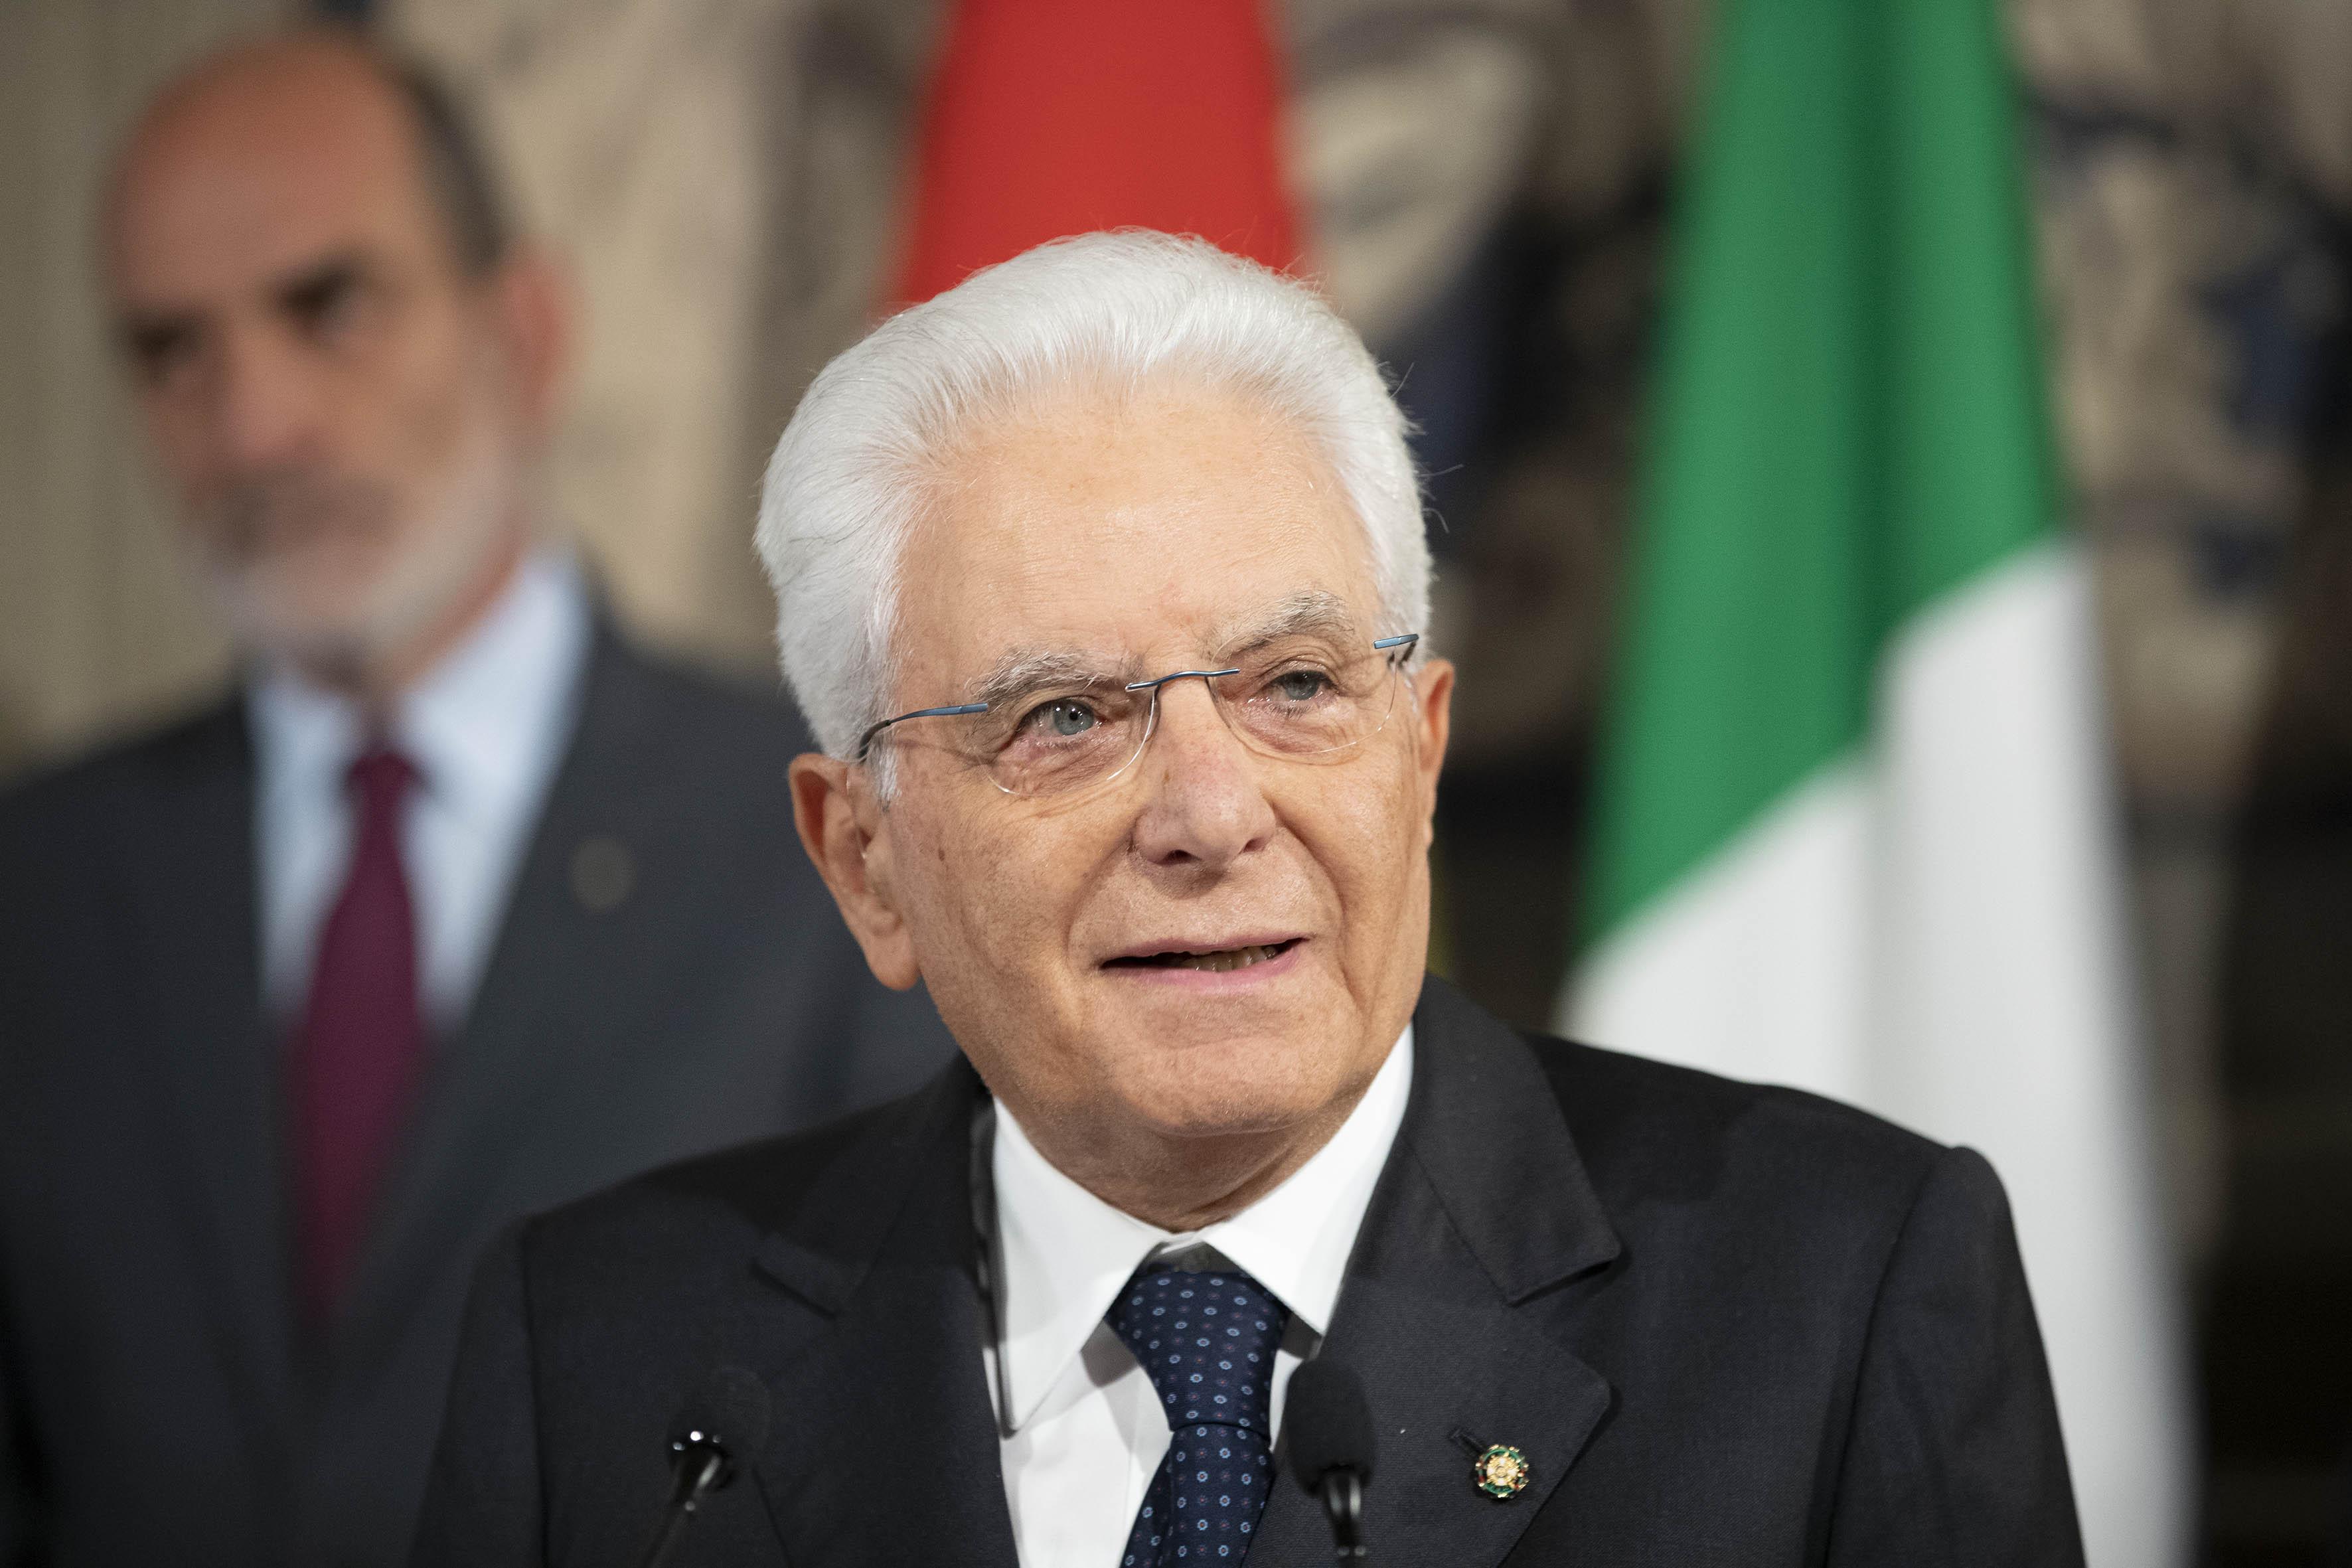 """Pioggia di auguri per Mattarella nel giorno del suo compleanno, il presidente risponde: """"Sono molto grato"""""""